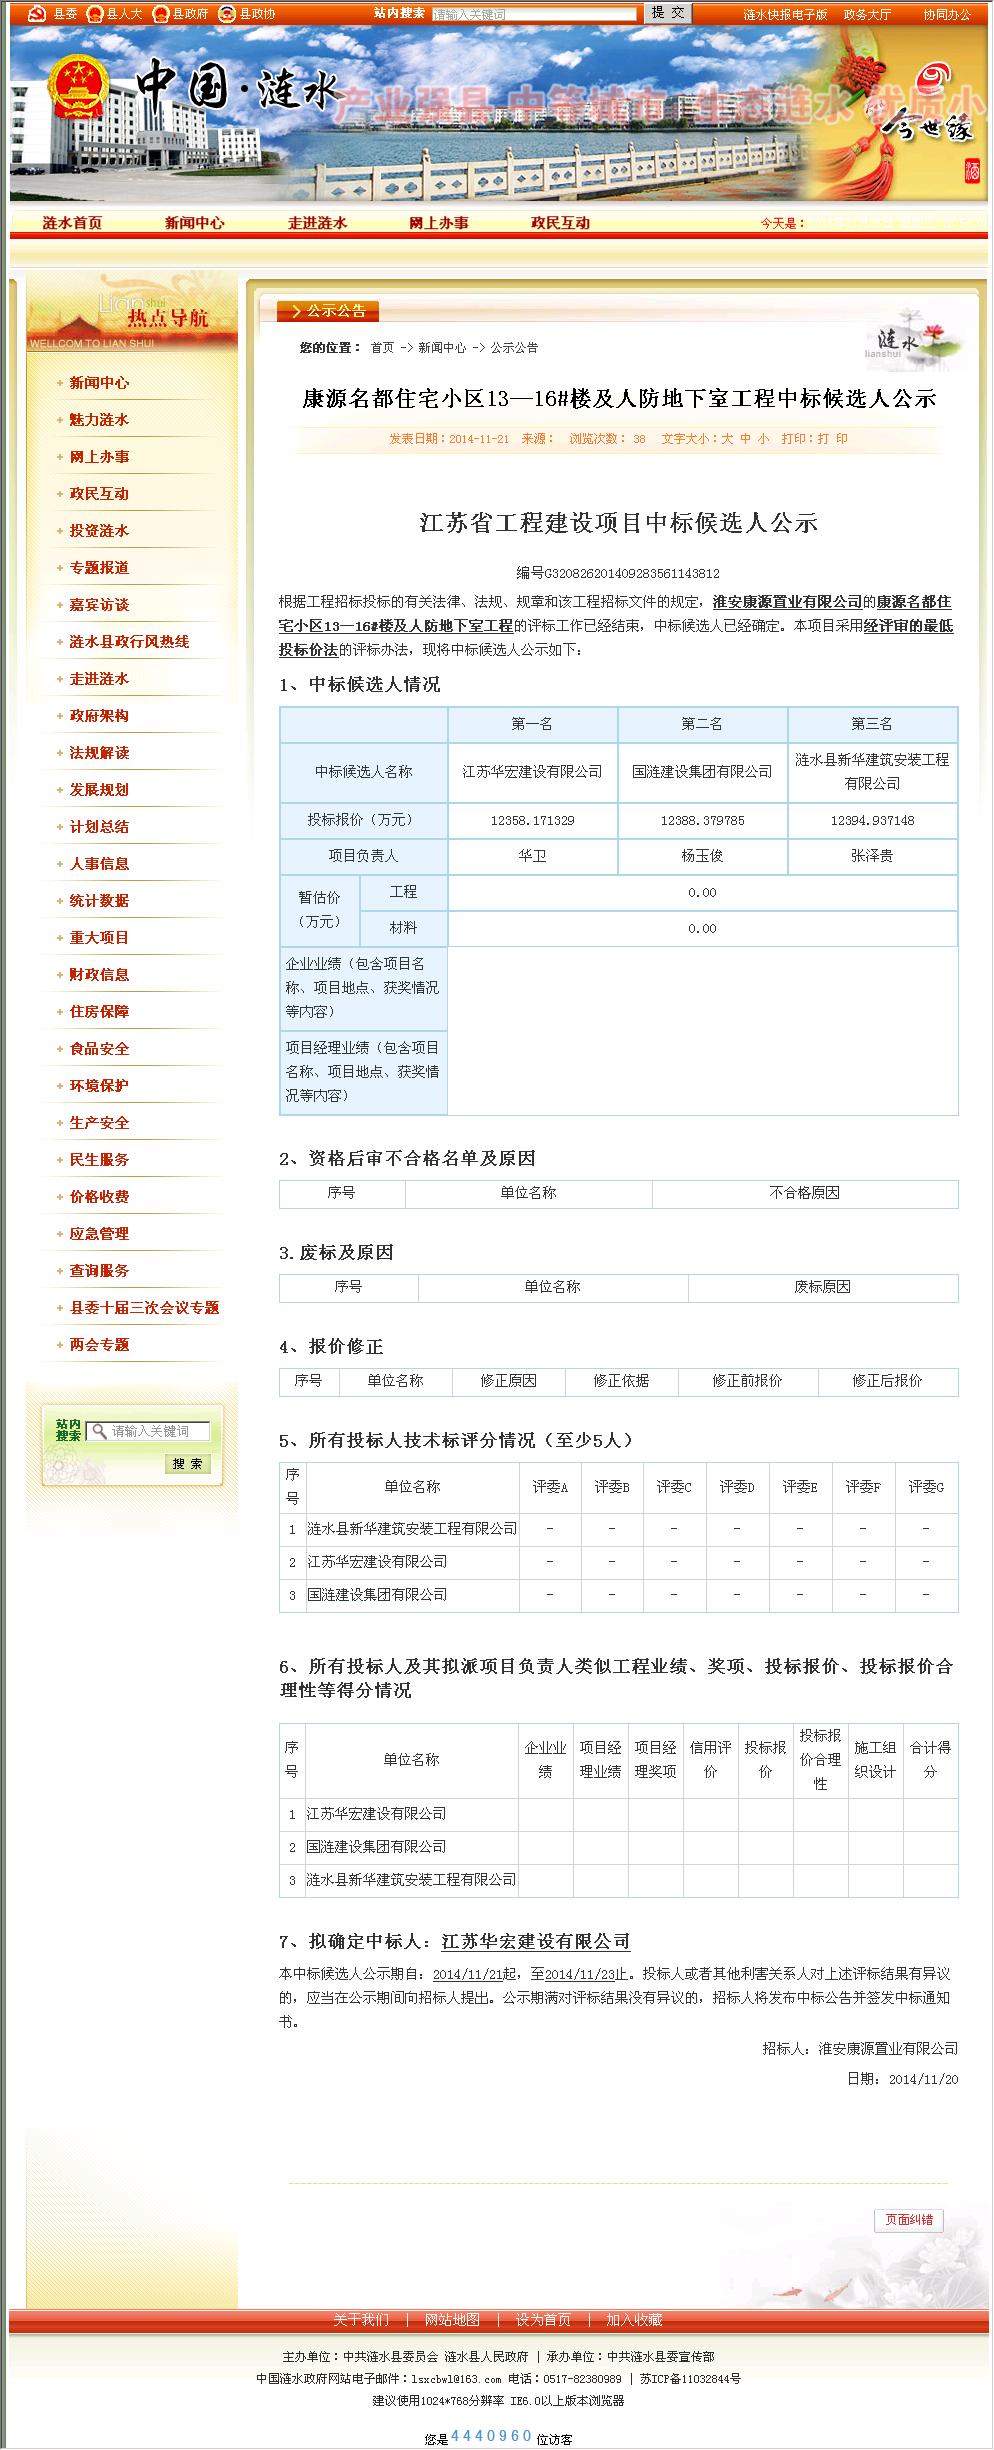 江苏华宏建设有限公司